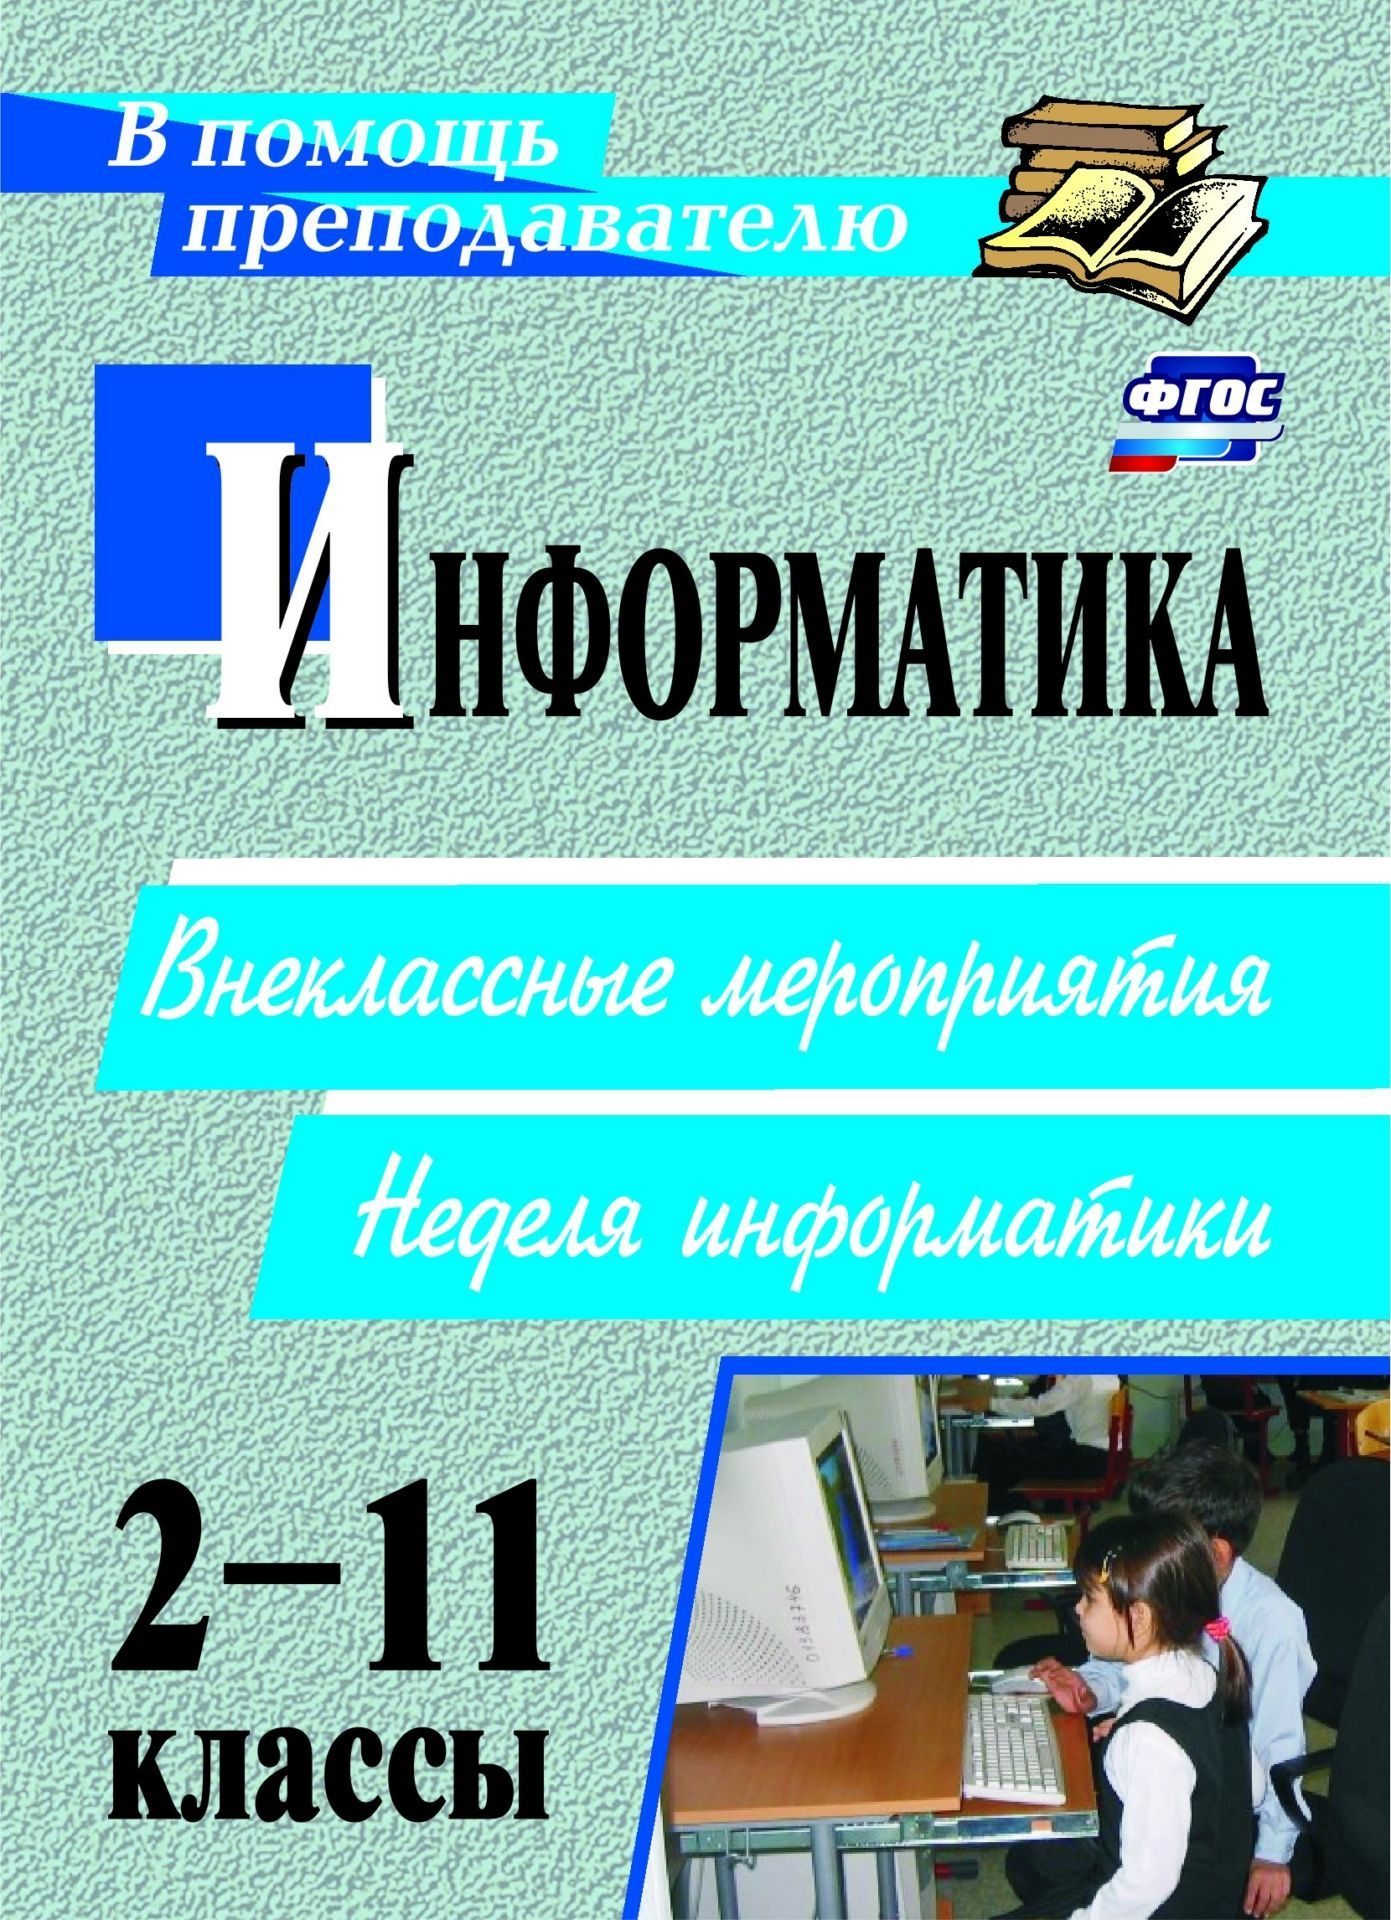 Информатика. 2-11 классы: внеклассные мероприятия, неделя информатики